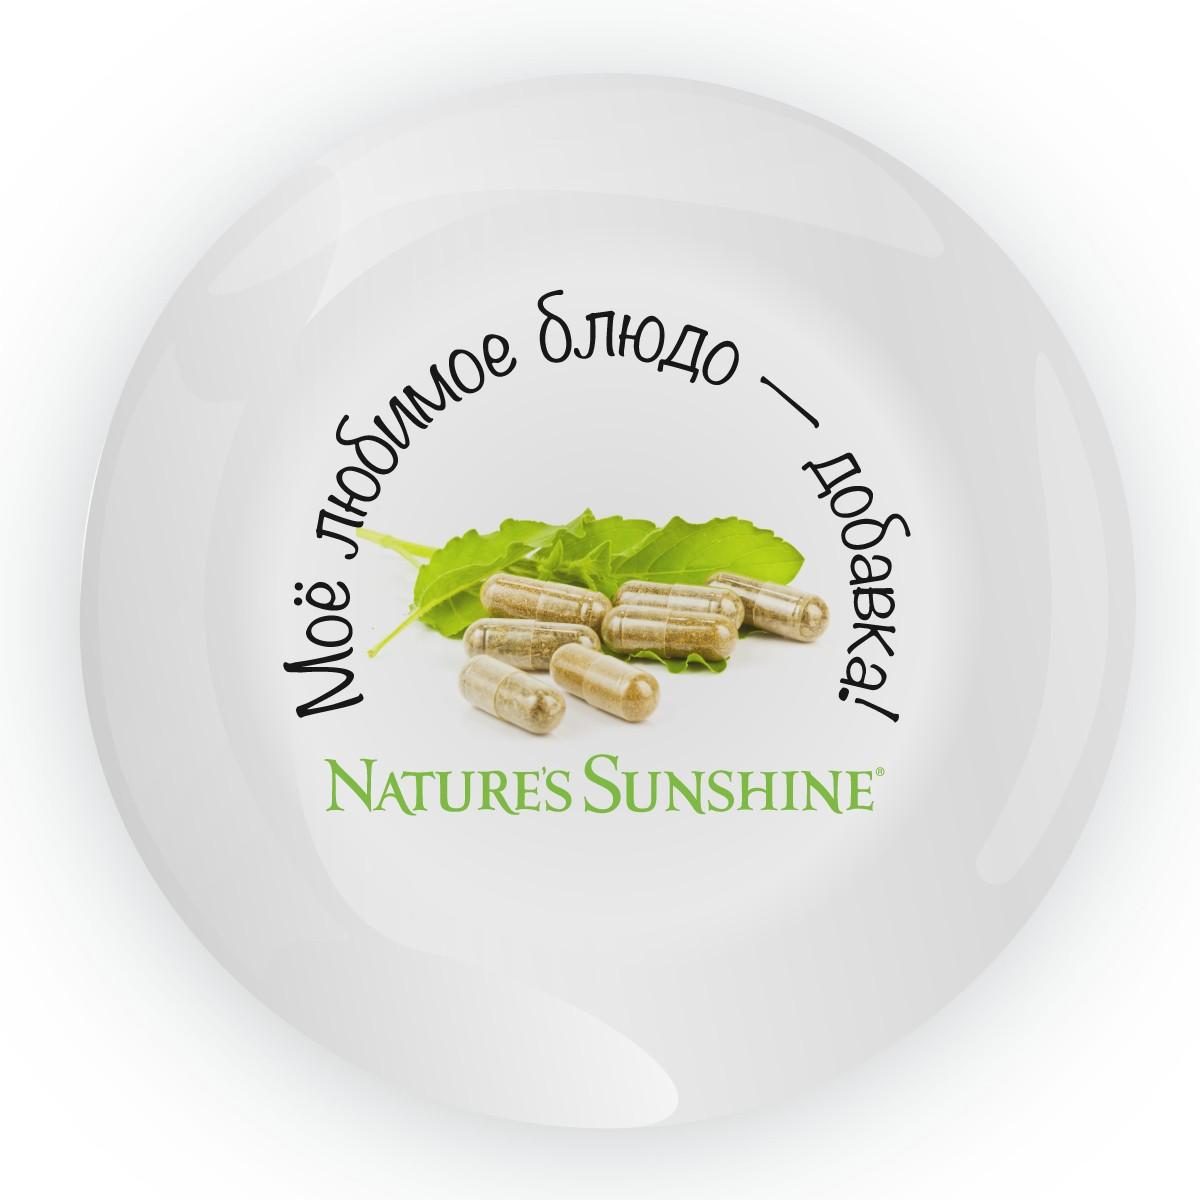 Декоративная тарелка NSP (2 вариант)